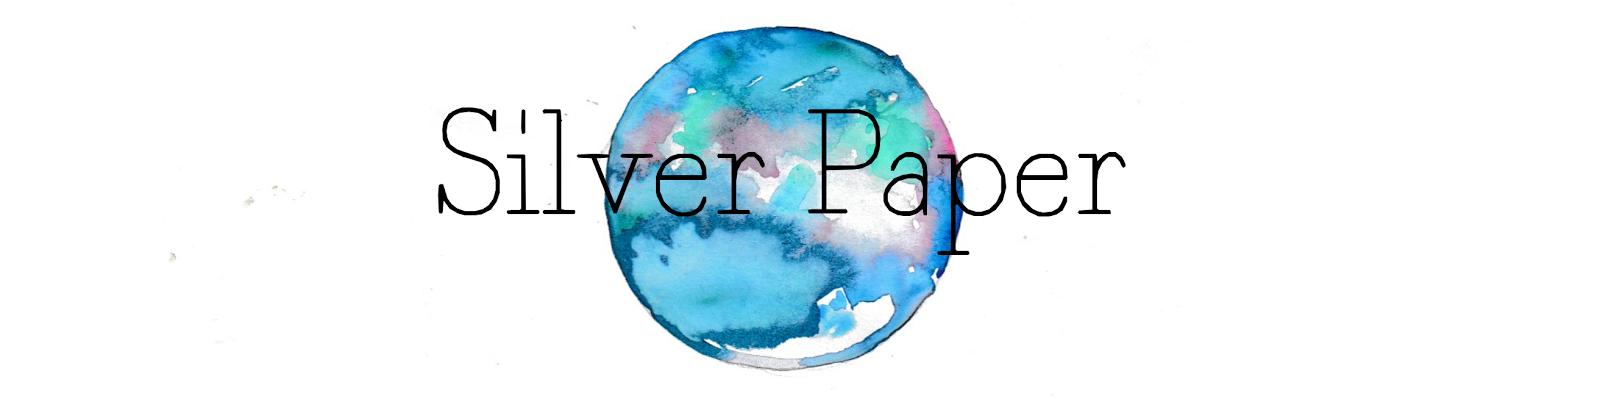 Silver Paper - Life board